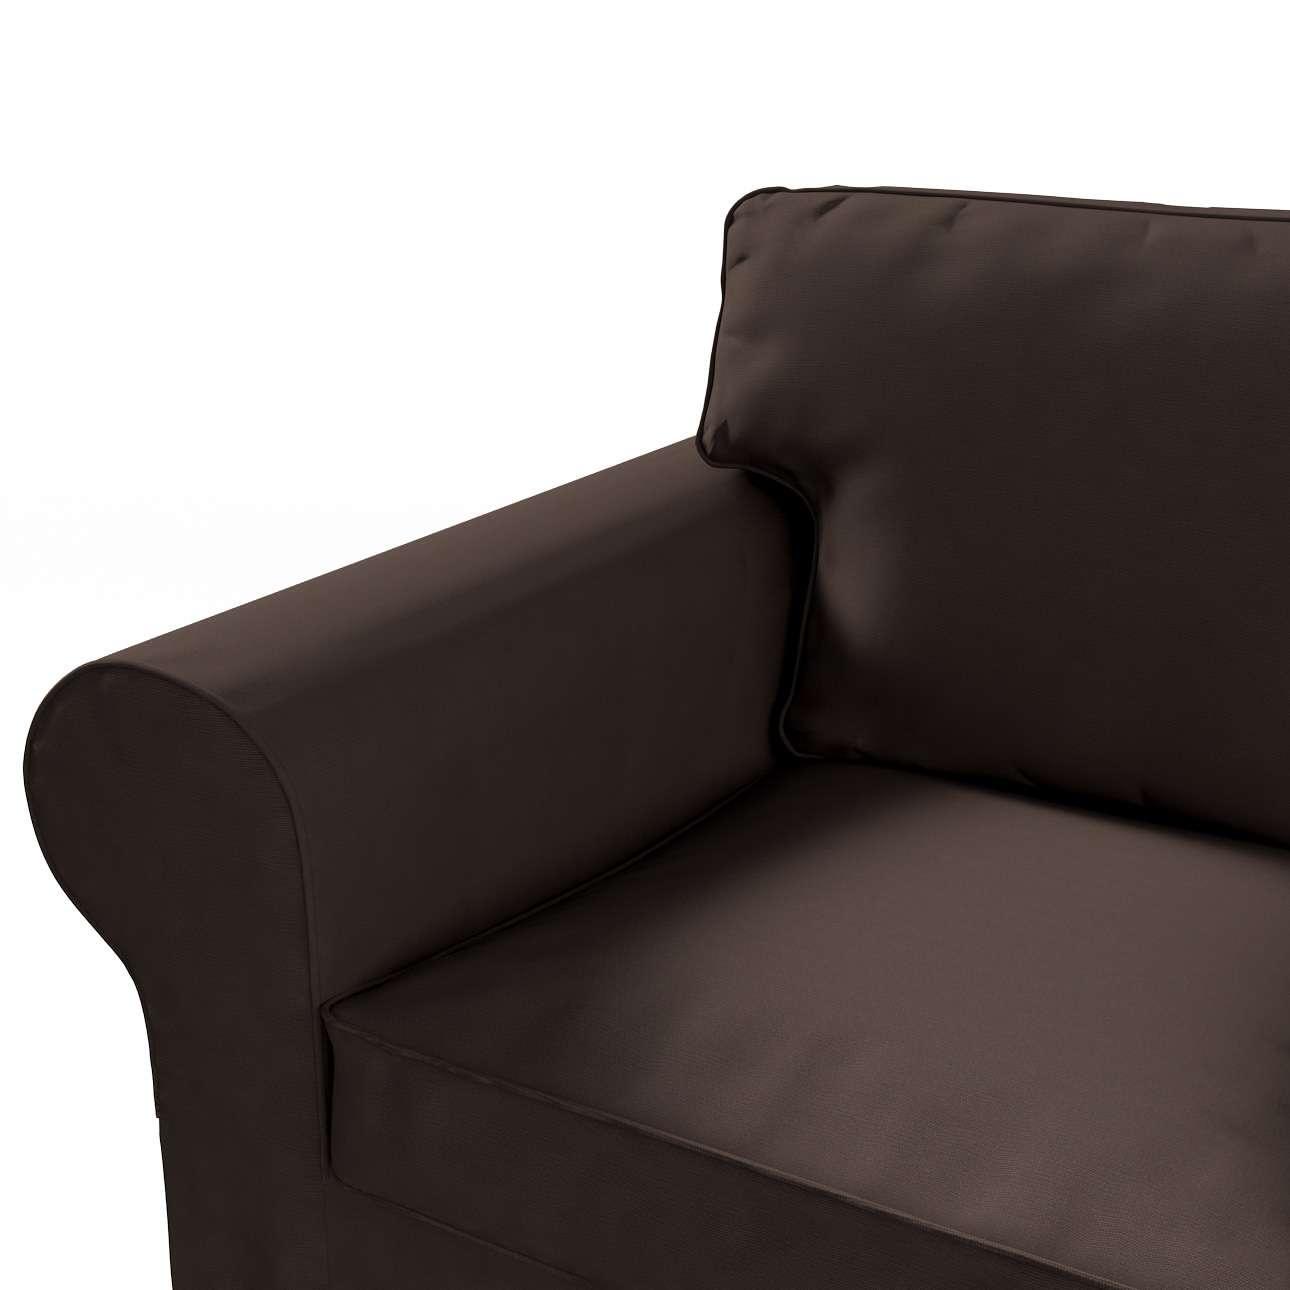 Pokrowiec na sofę Ektorp 3-osobową, rozkładaną NOWY MODEL 2013 Ektorp 3-os rozkładany nowy model 2013 w kolekcji Cotton Panama, tkanina: 702-03